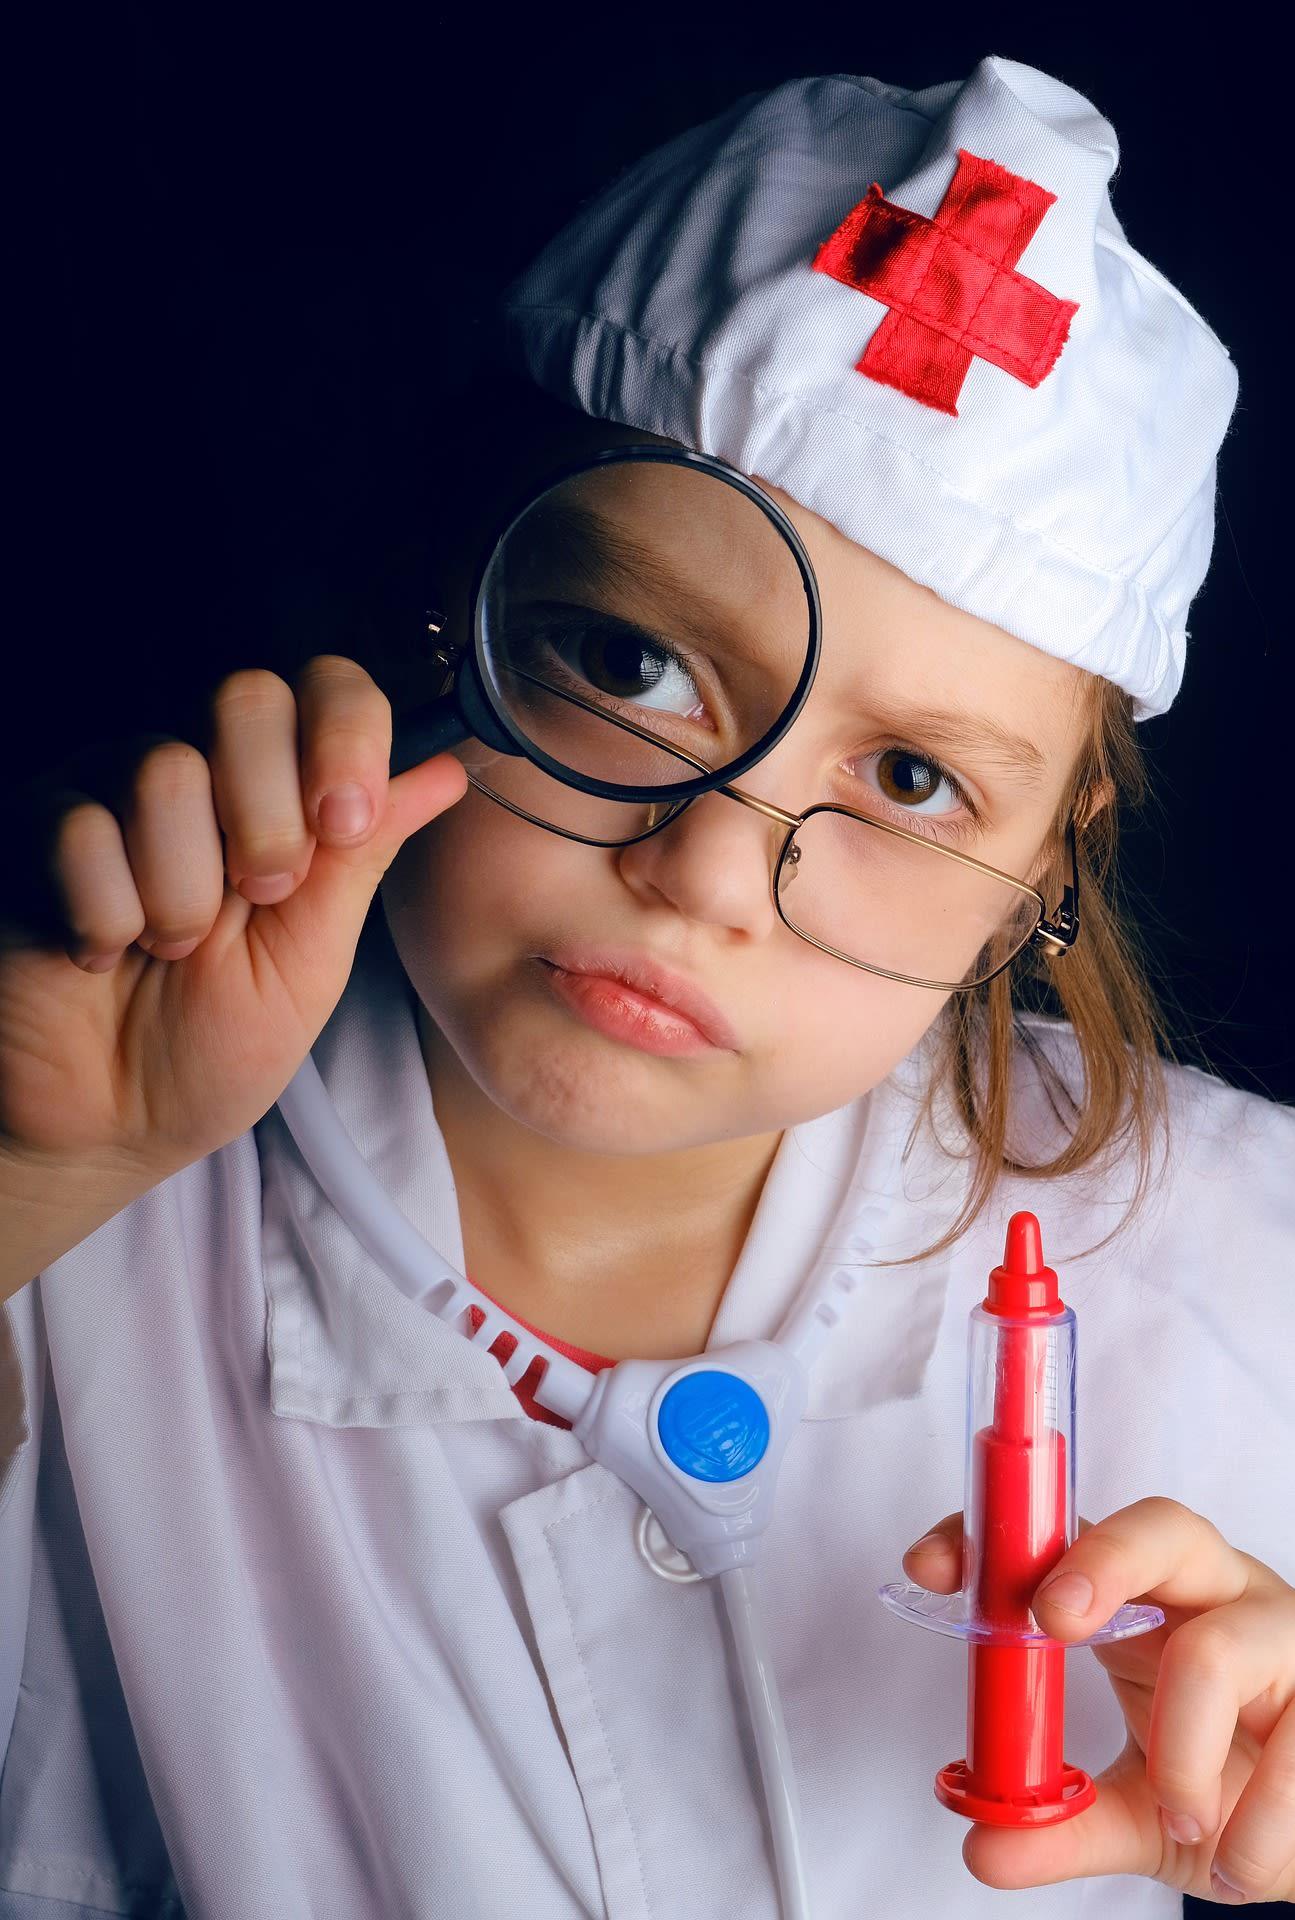 Il existe un grand nombre de jeux d'imitation pour enfant comme la mallette de docteur.